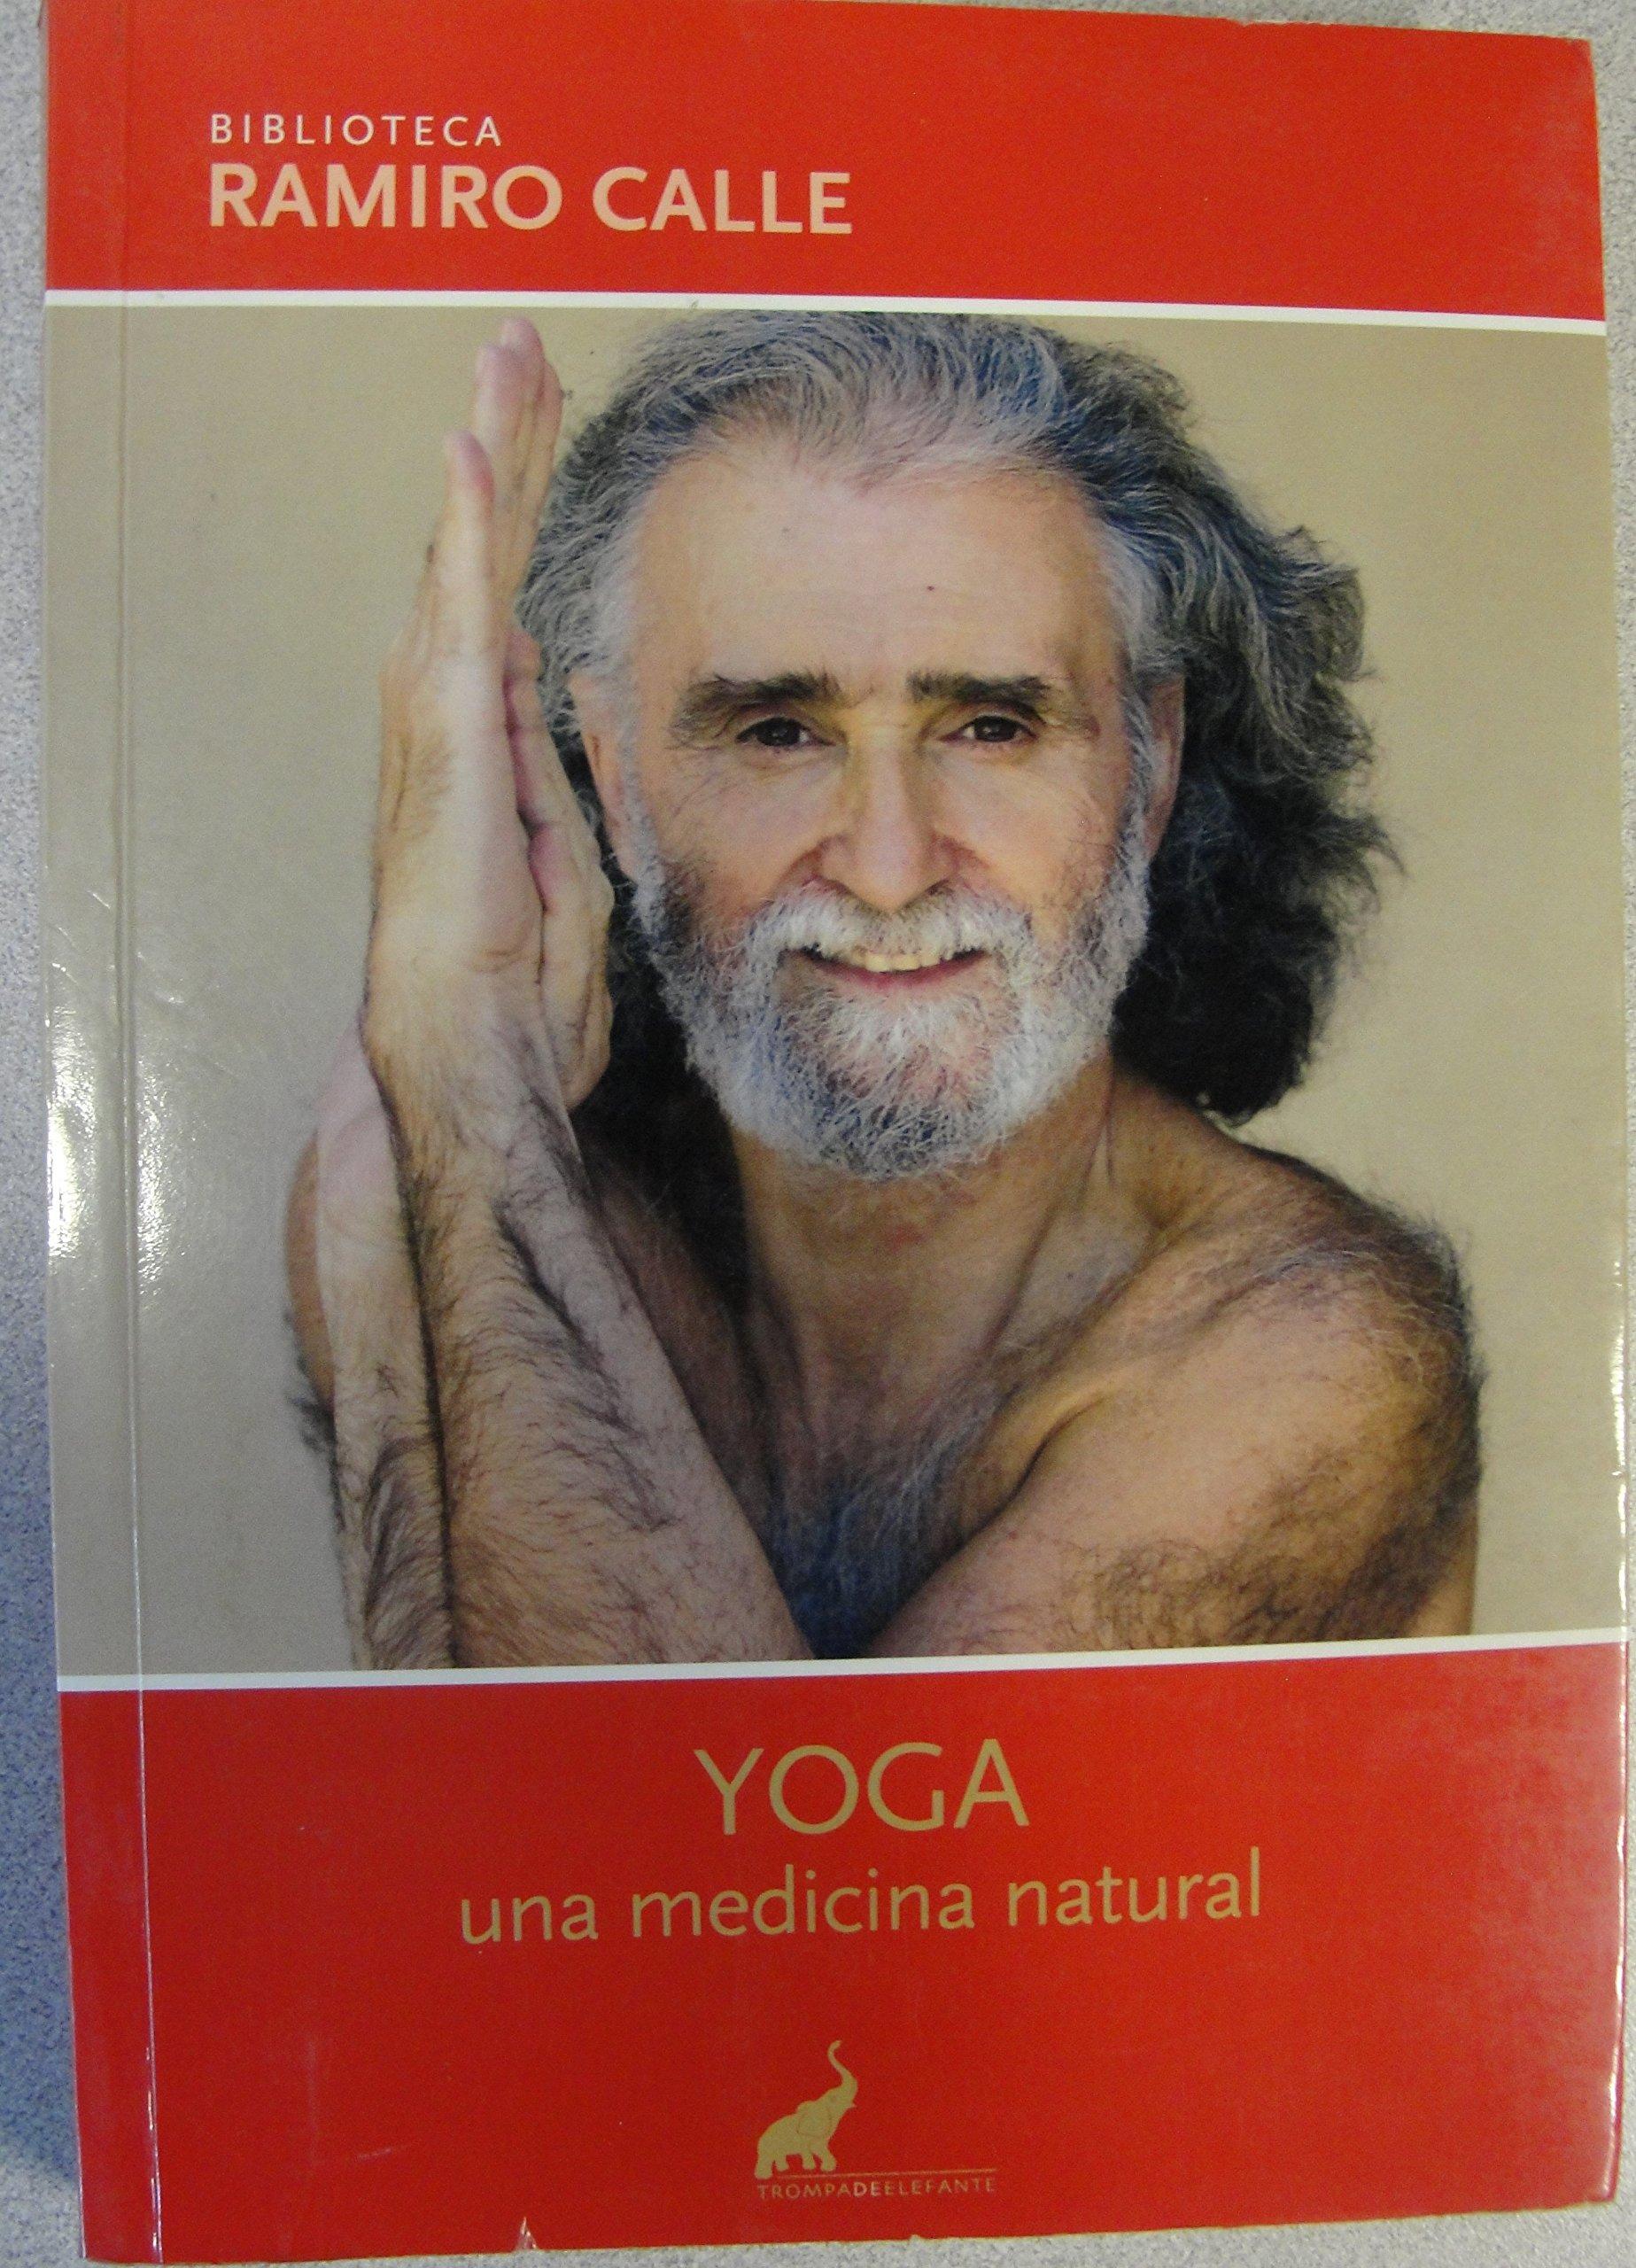 Yoga, una medicina natural: Amazon.es: Ramiro A. Calle: Libros